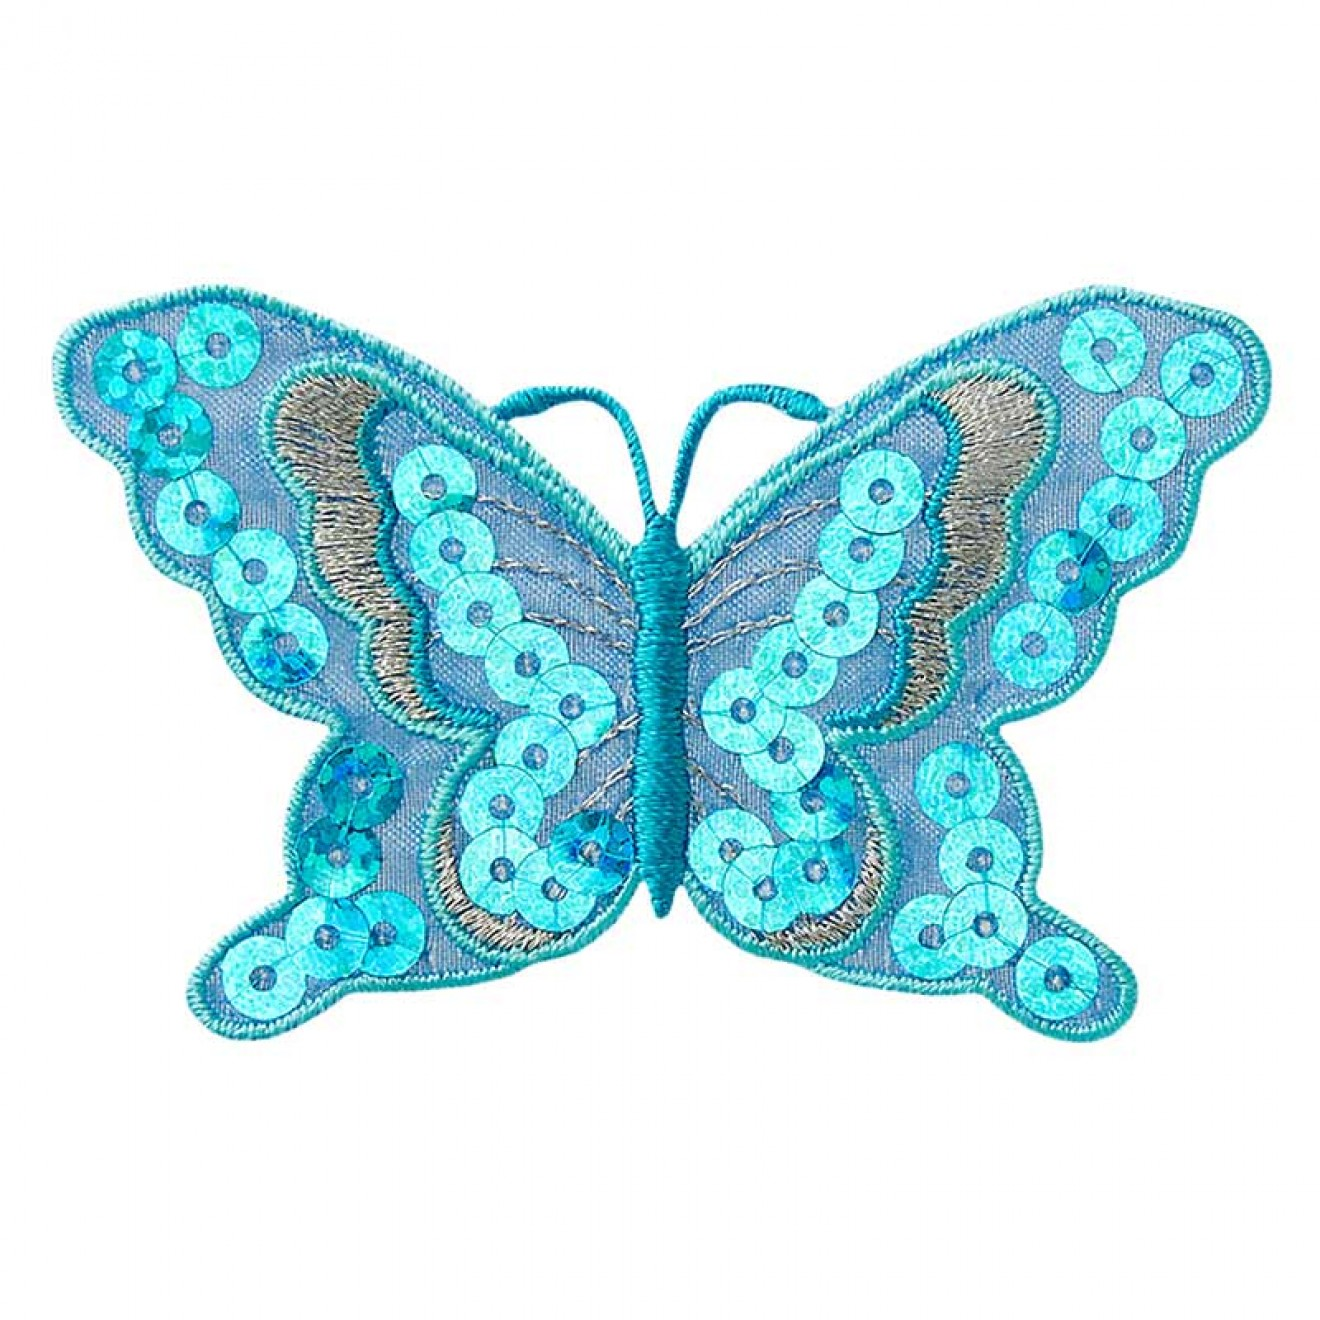 Prym Applikationen Fashion and Home aufbügelbar Schmetterling  926423